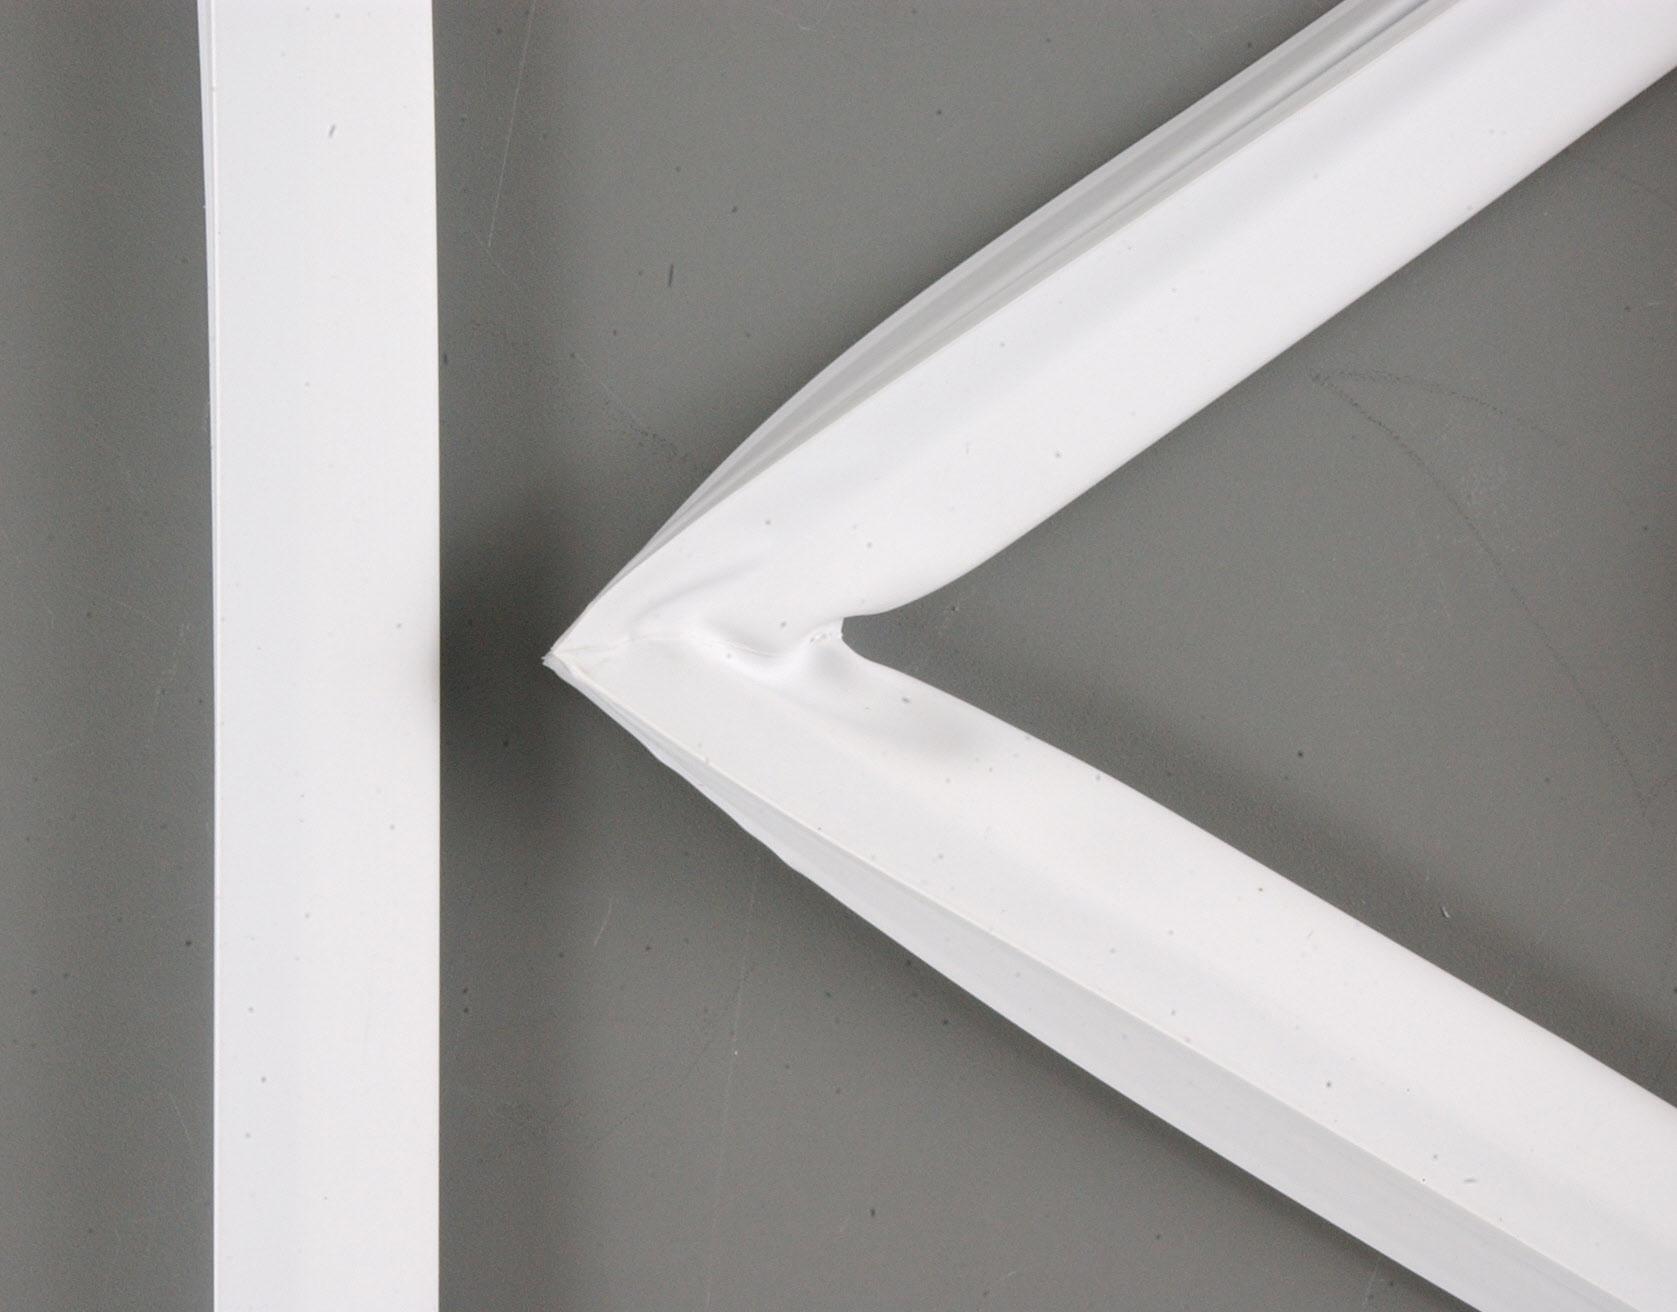 Kenmore Freezer Part # 5304507199 - Door Gasket